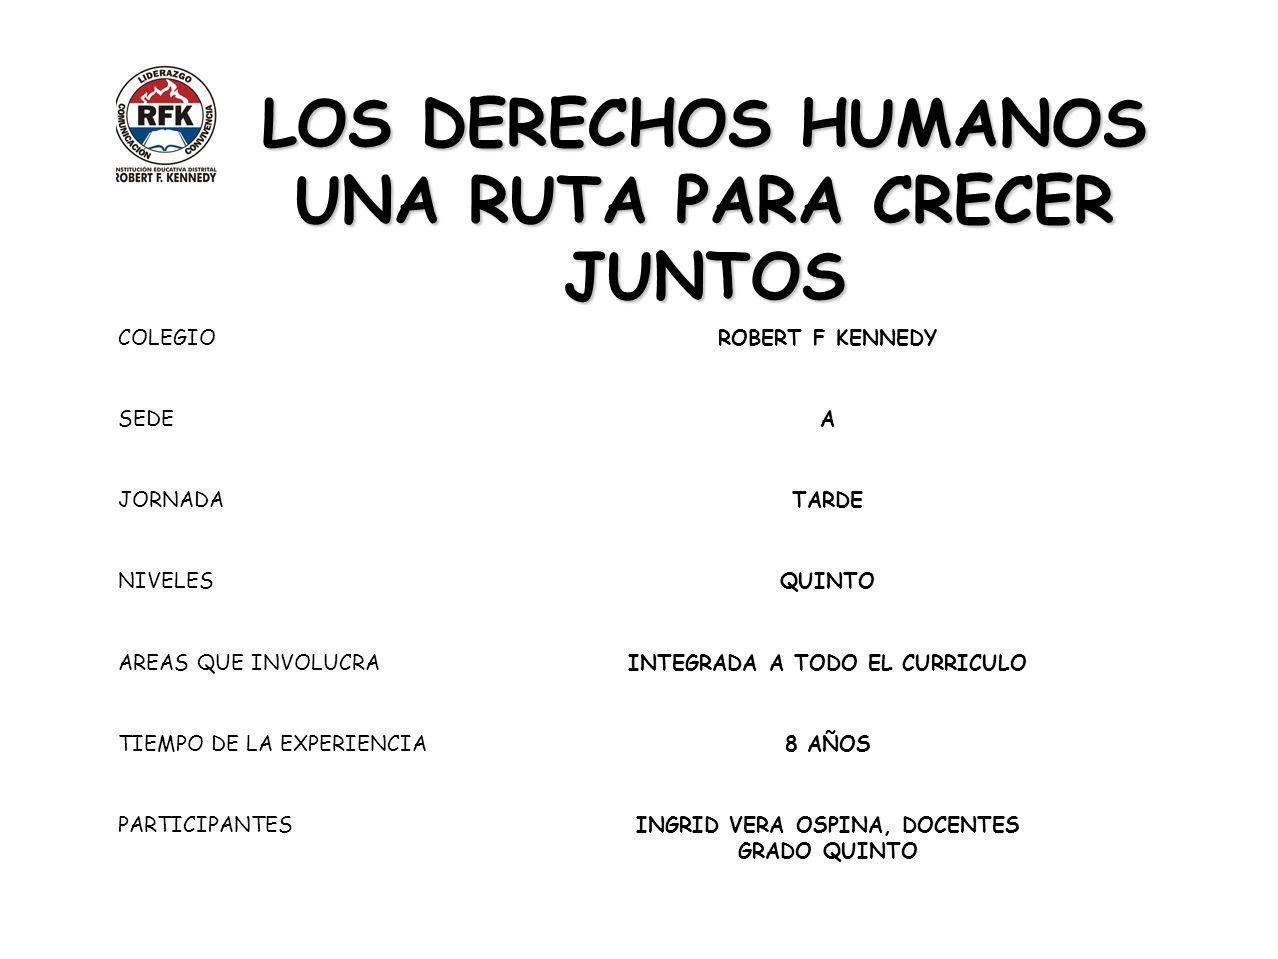 LOS DERECHOS HUMANOS UNA RUTA PARA CRECER JUNTOS